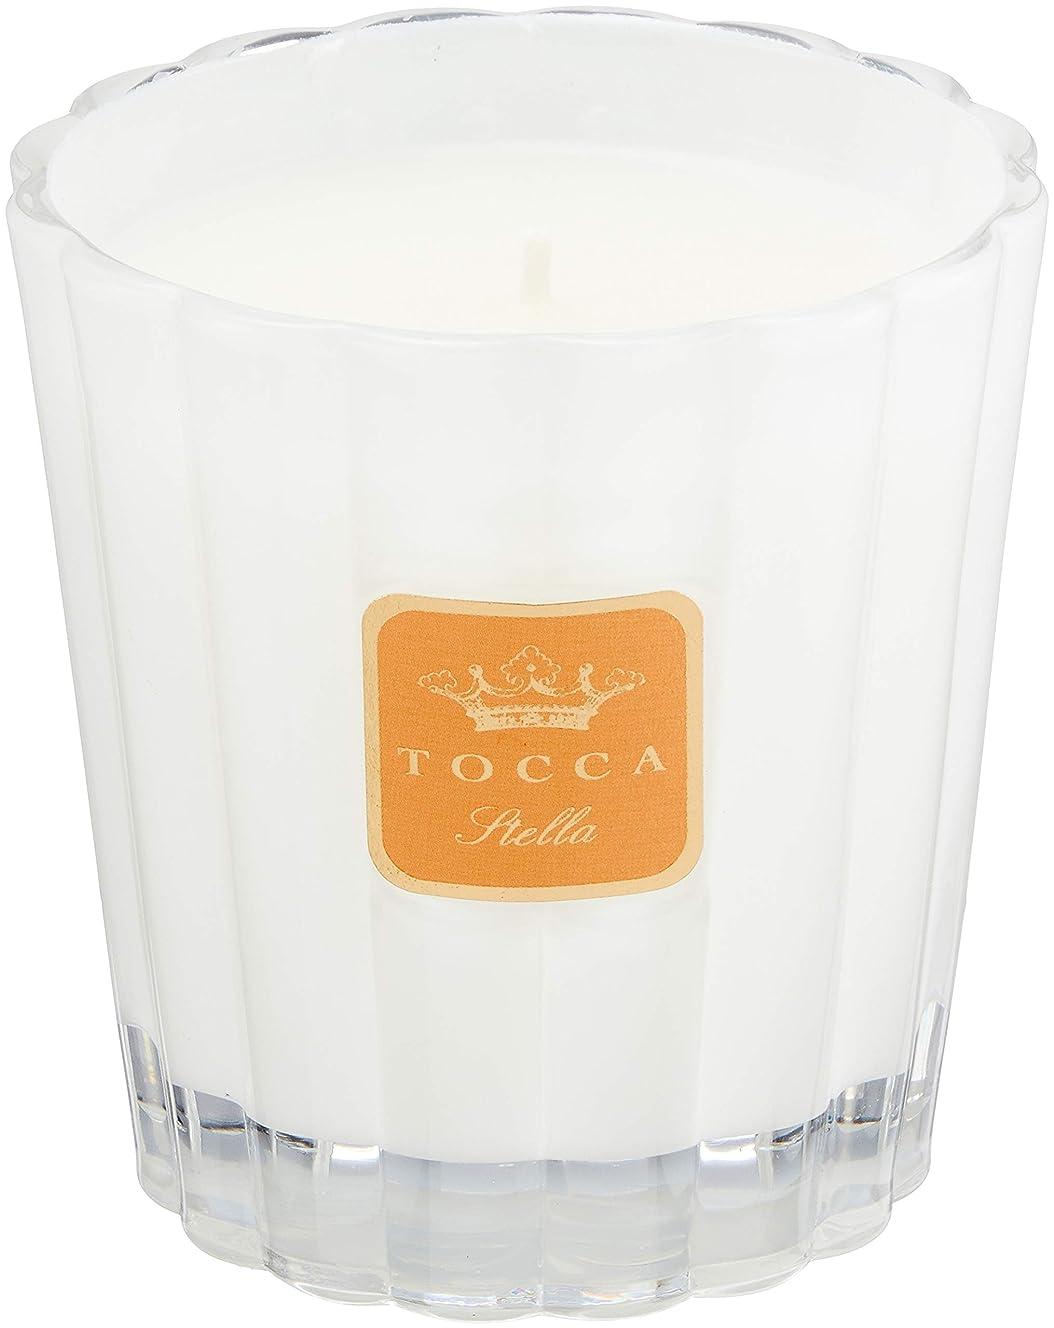 インゲン薬局勘違いするトッカ(TOCCA) キャンドル ステラの香り 約287g (ろうそく フレッシュでビターな香り)